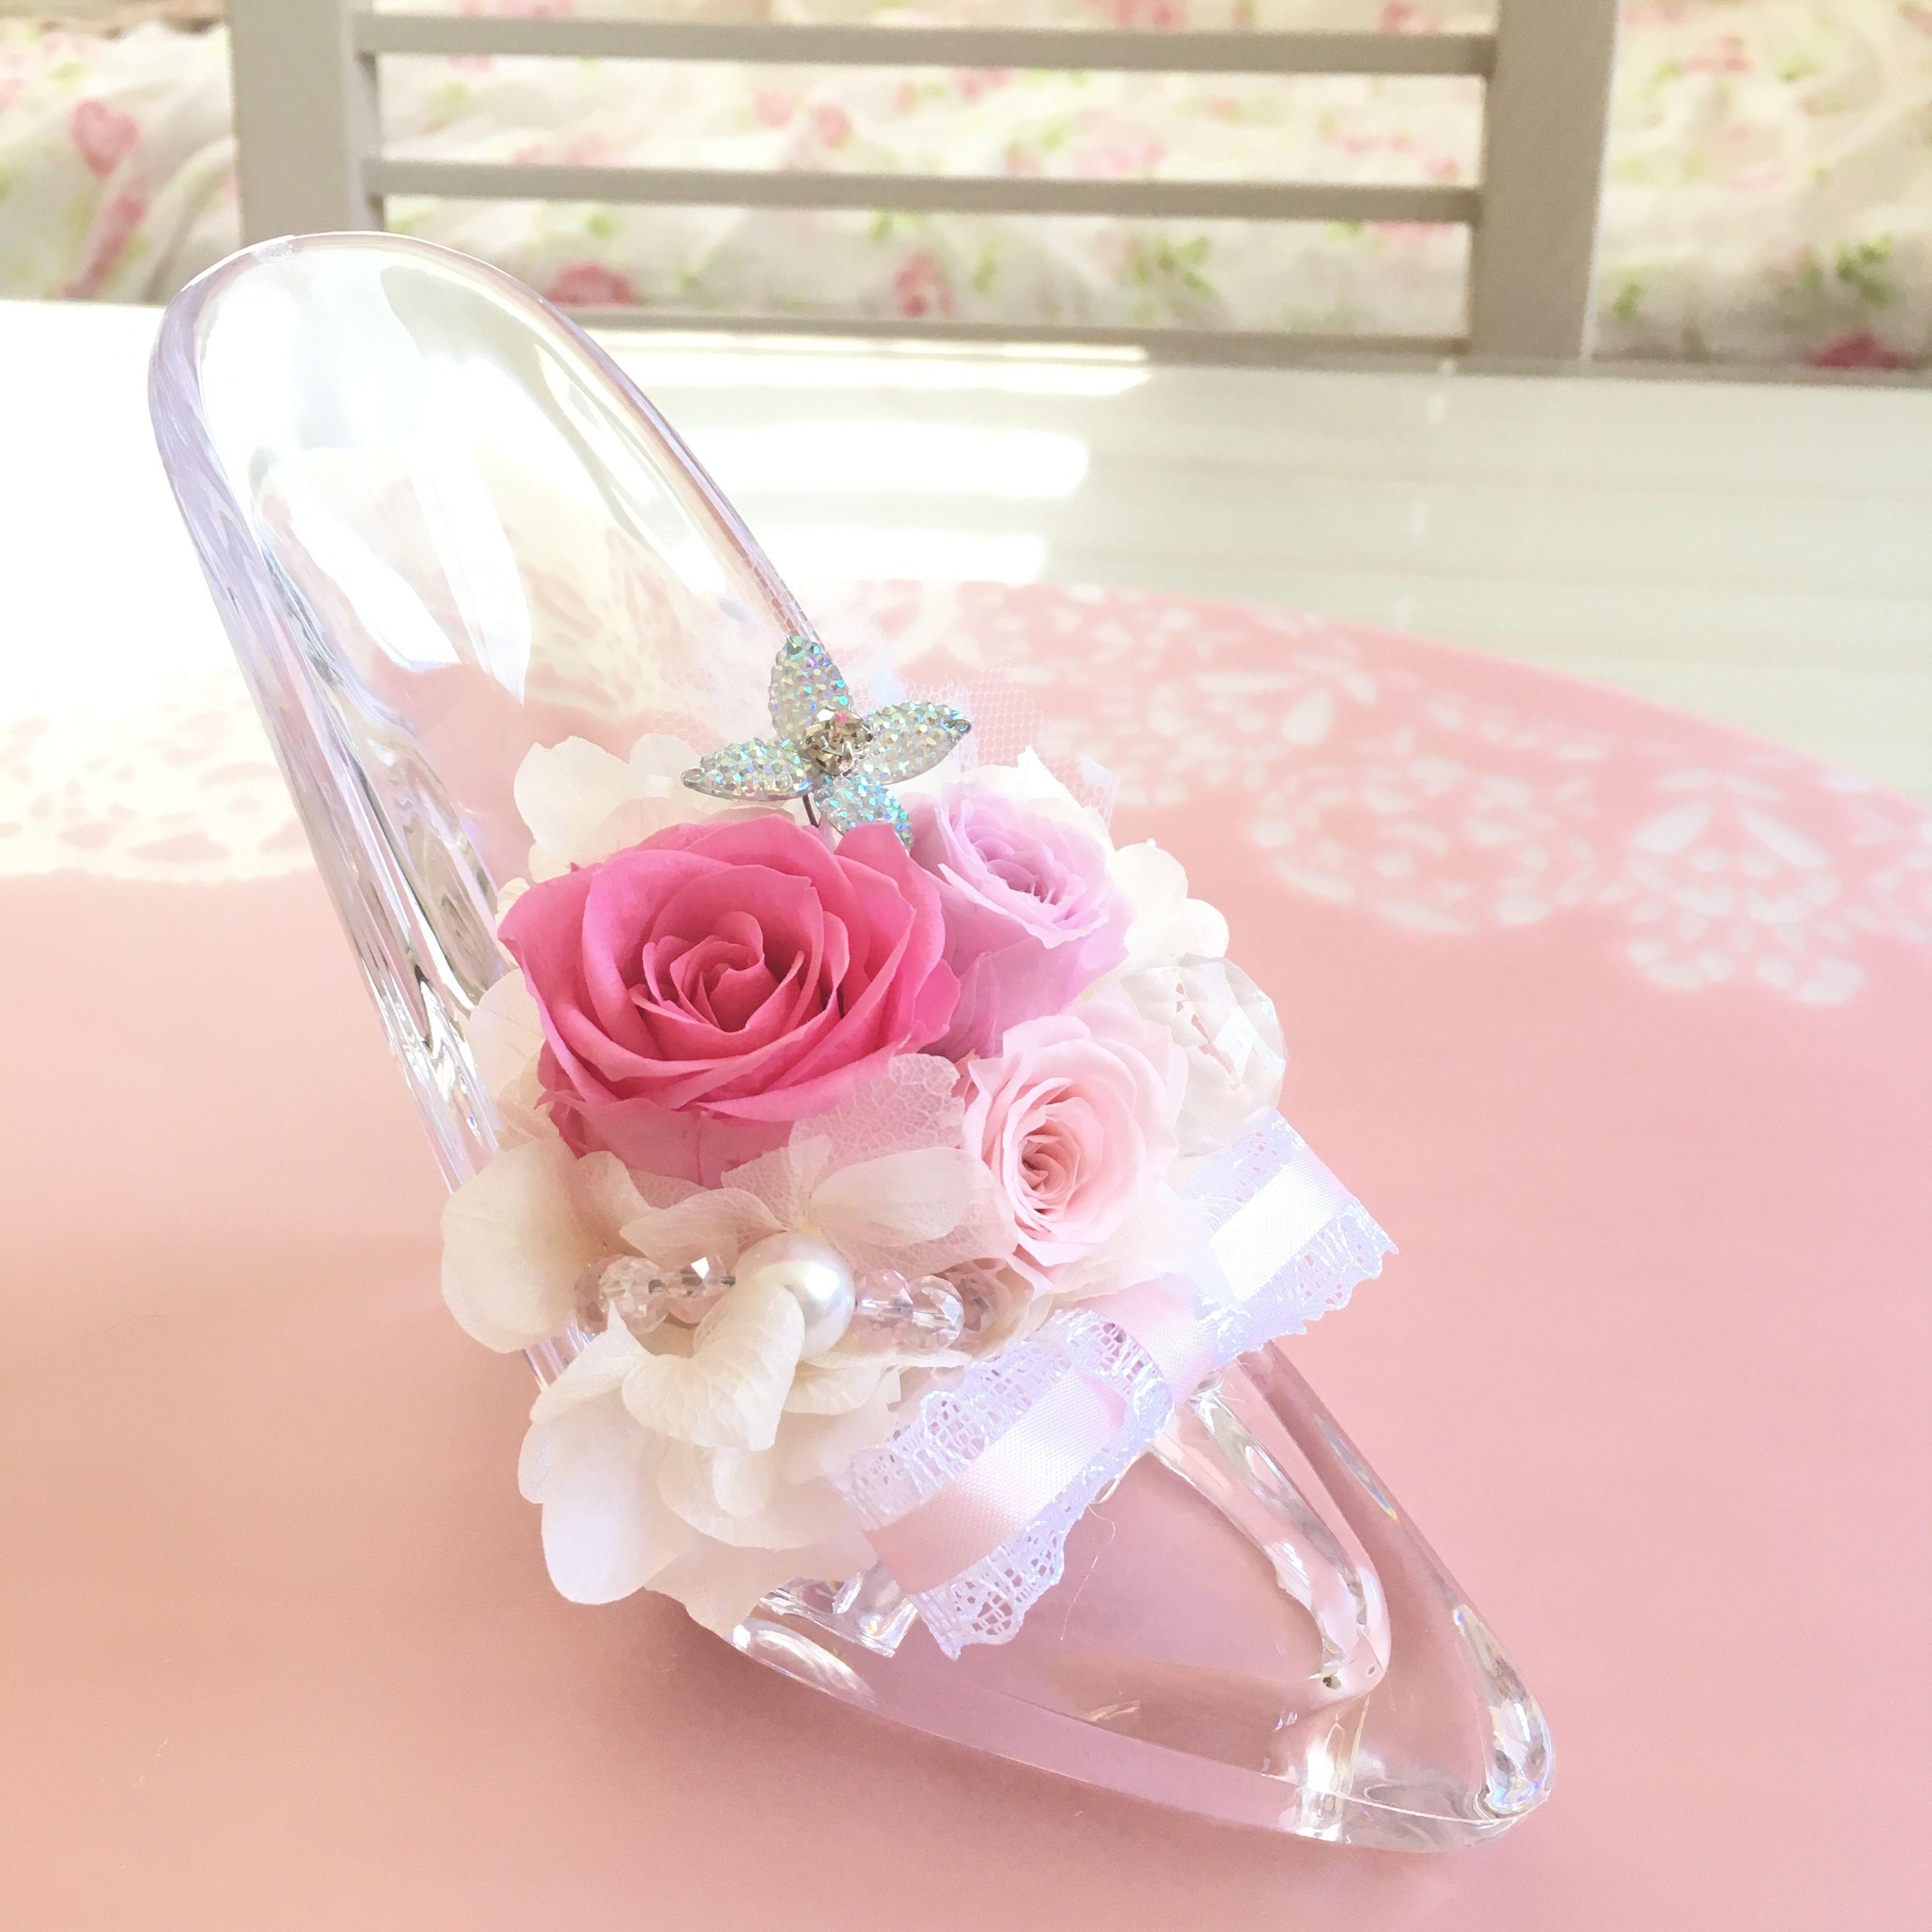 シンデレラのガラスの靴(pink ver)